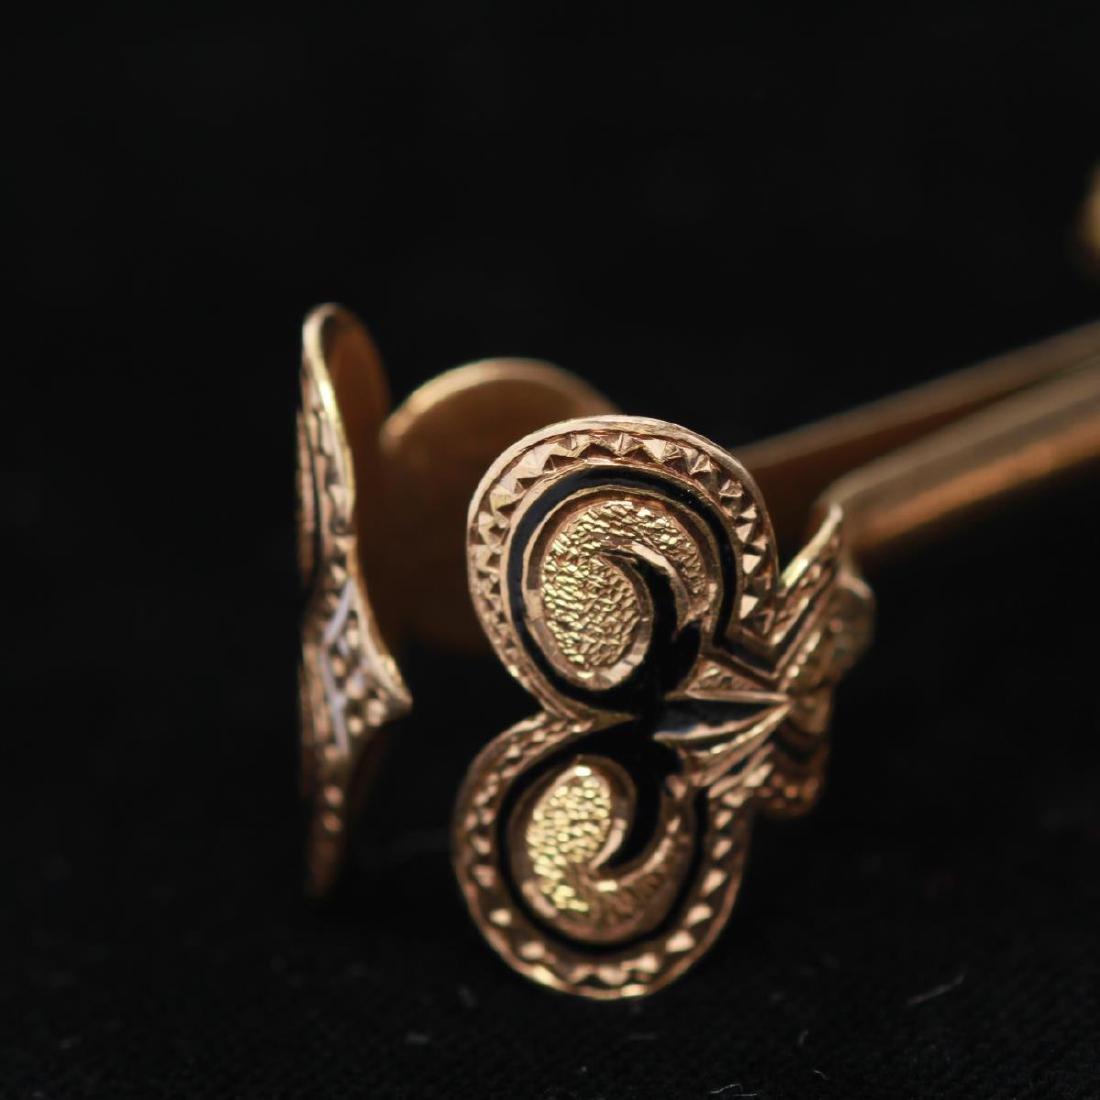 14K Gold Lady's Enamel Cigarette Holder w. Ring - 2